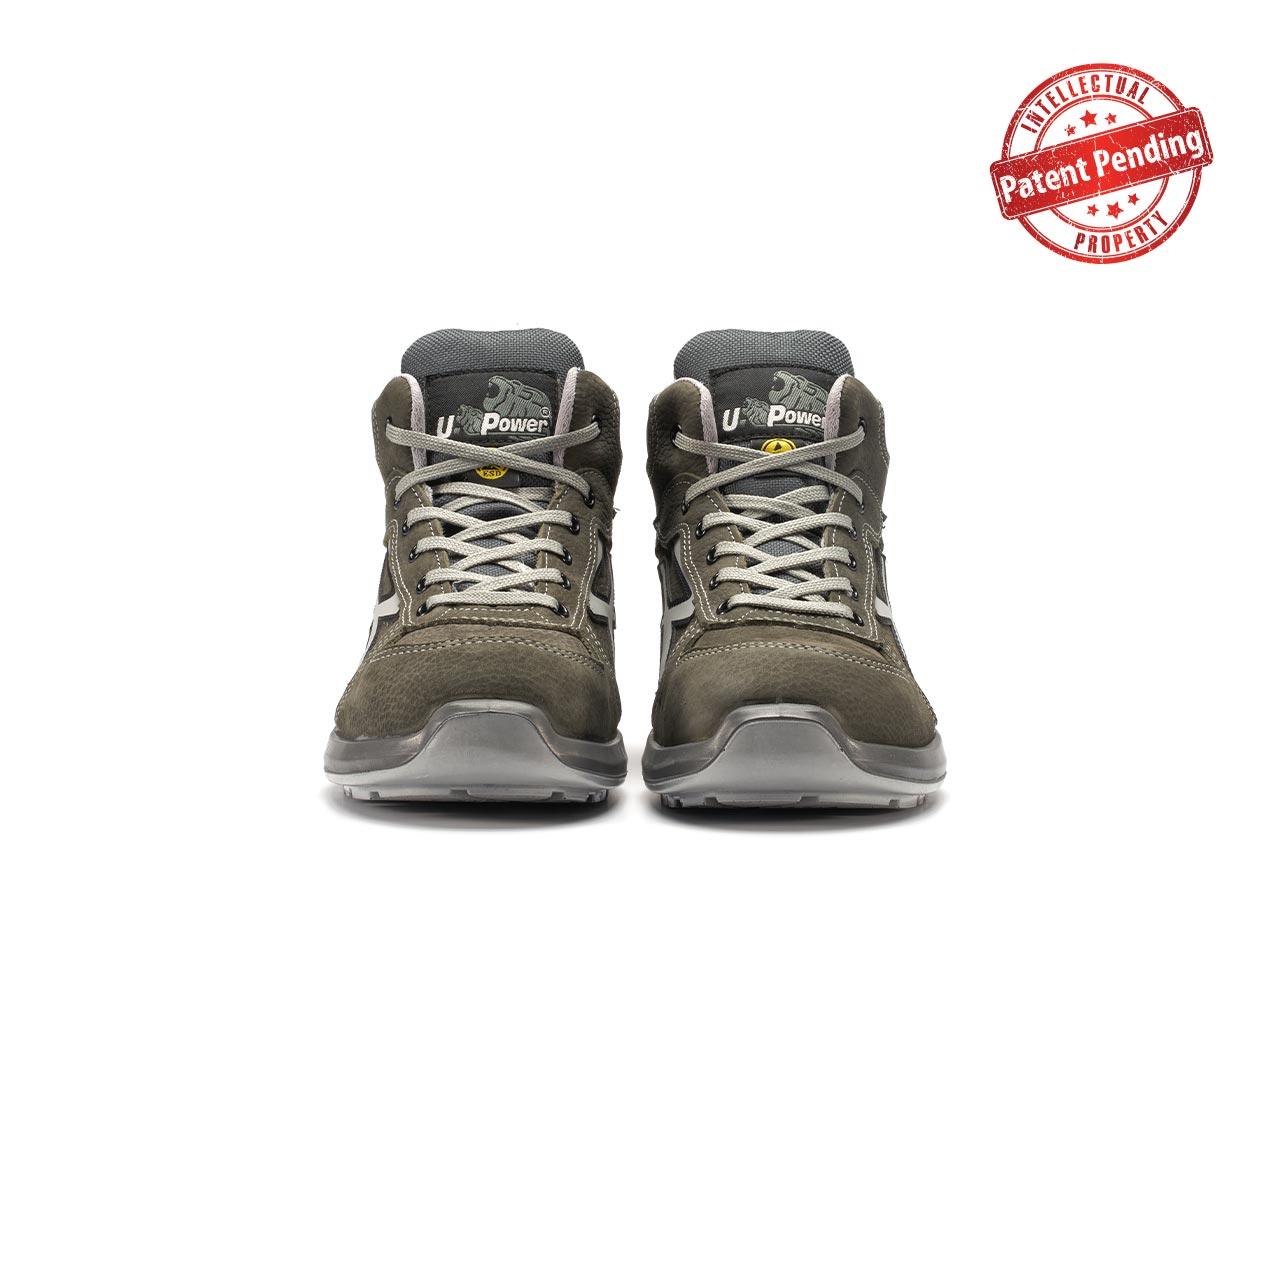 paio di scarpe antinfortunistiche alte upower modello merak linea redup vista frontale